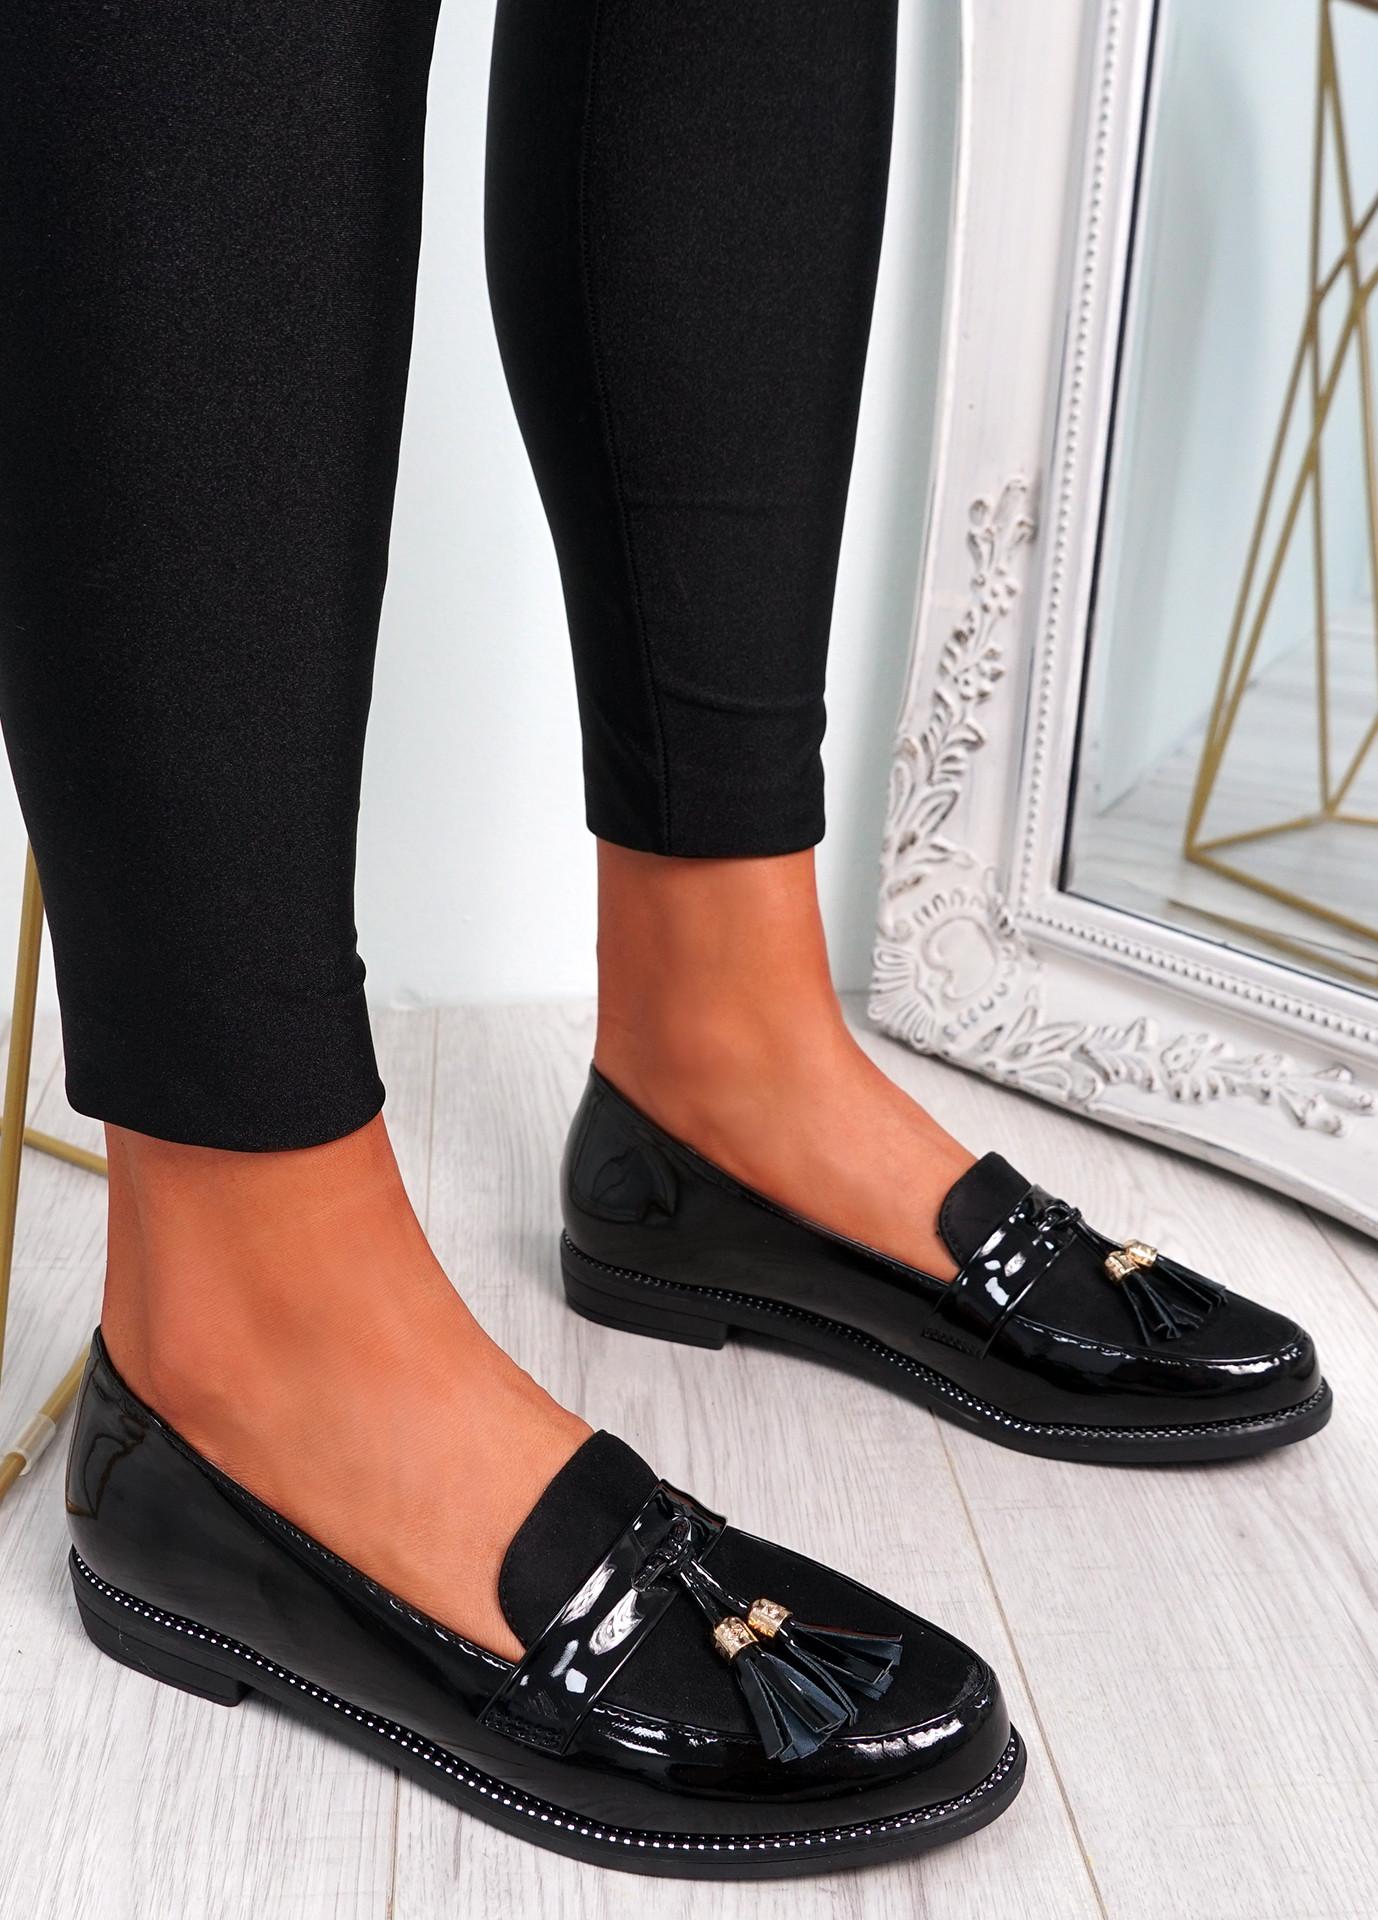 Mendy Black Tassel Flat Ballerinas